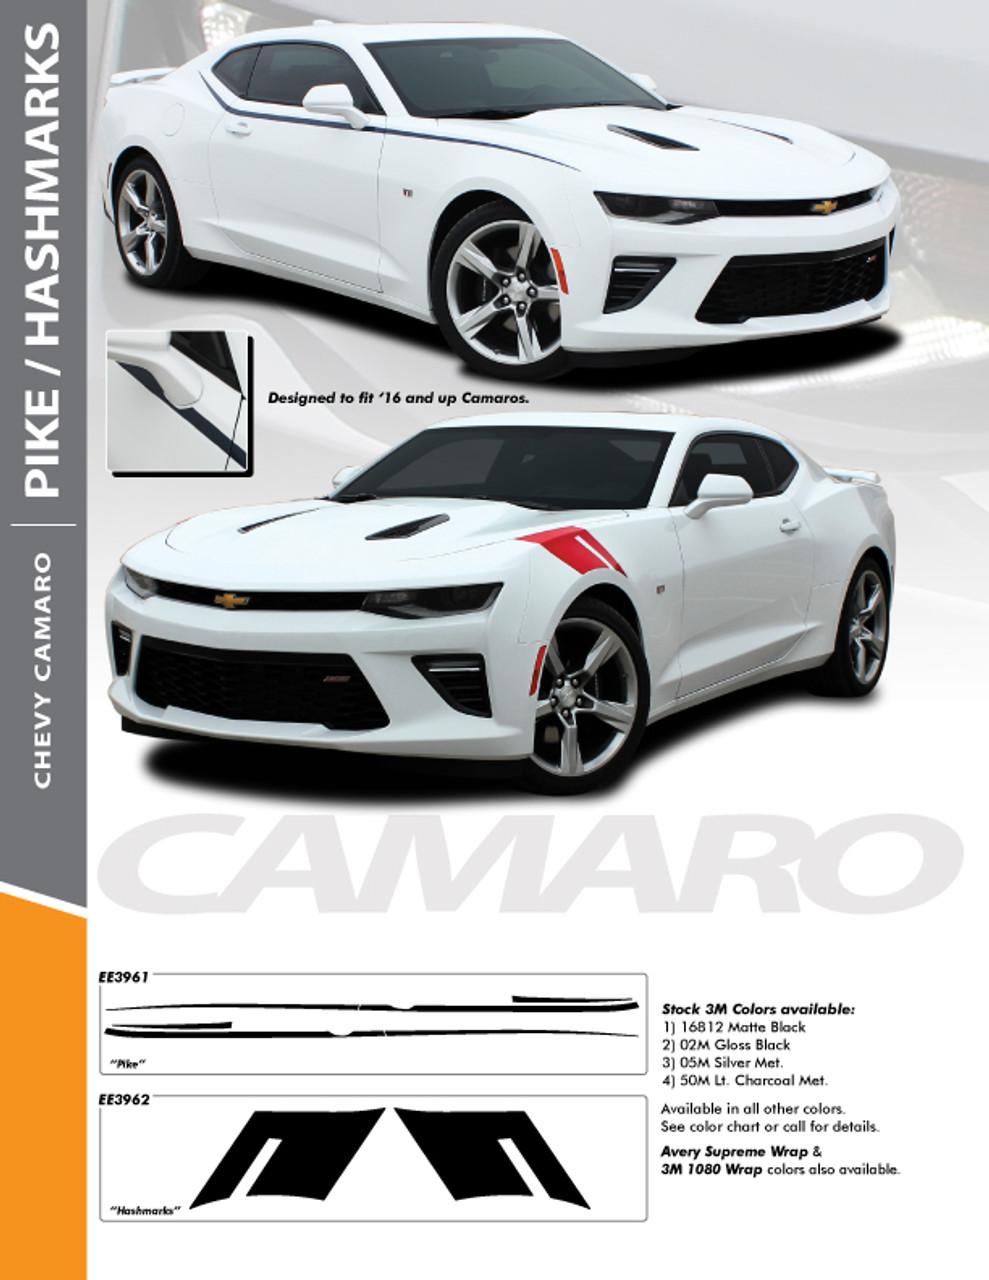 2016 2017 2018 Chevy Camaro PIKE Upper Door Stripe Accent Vinyl Graphics Decals